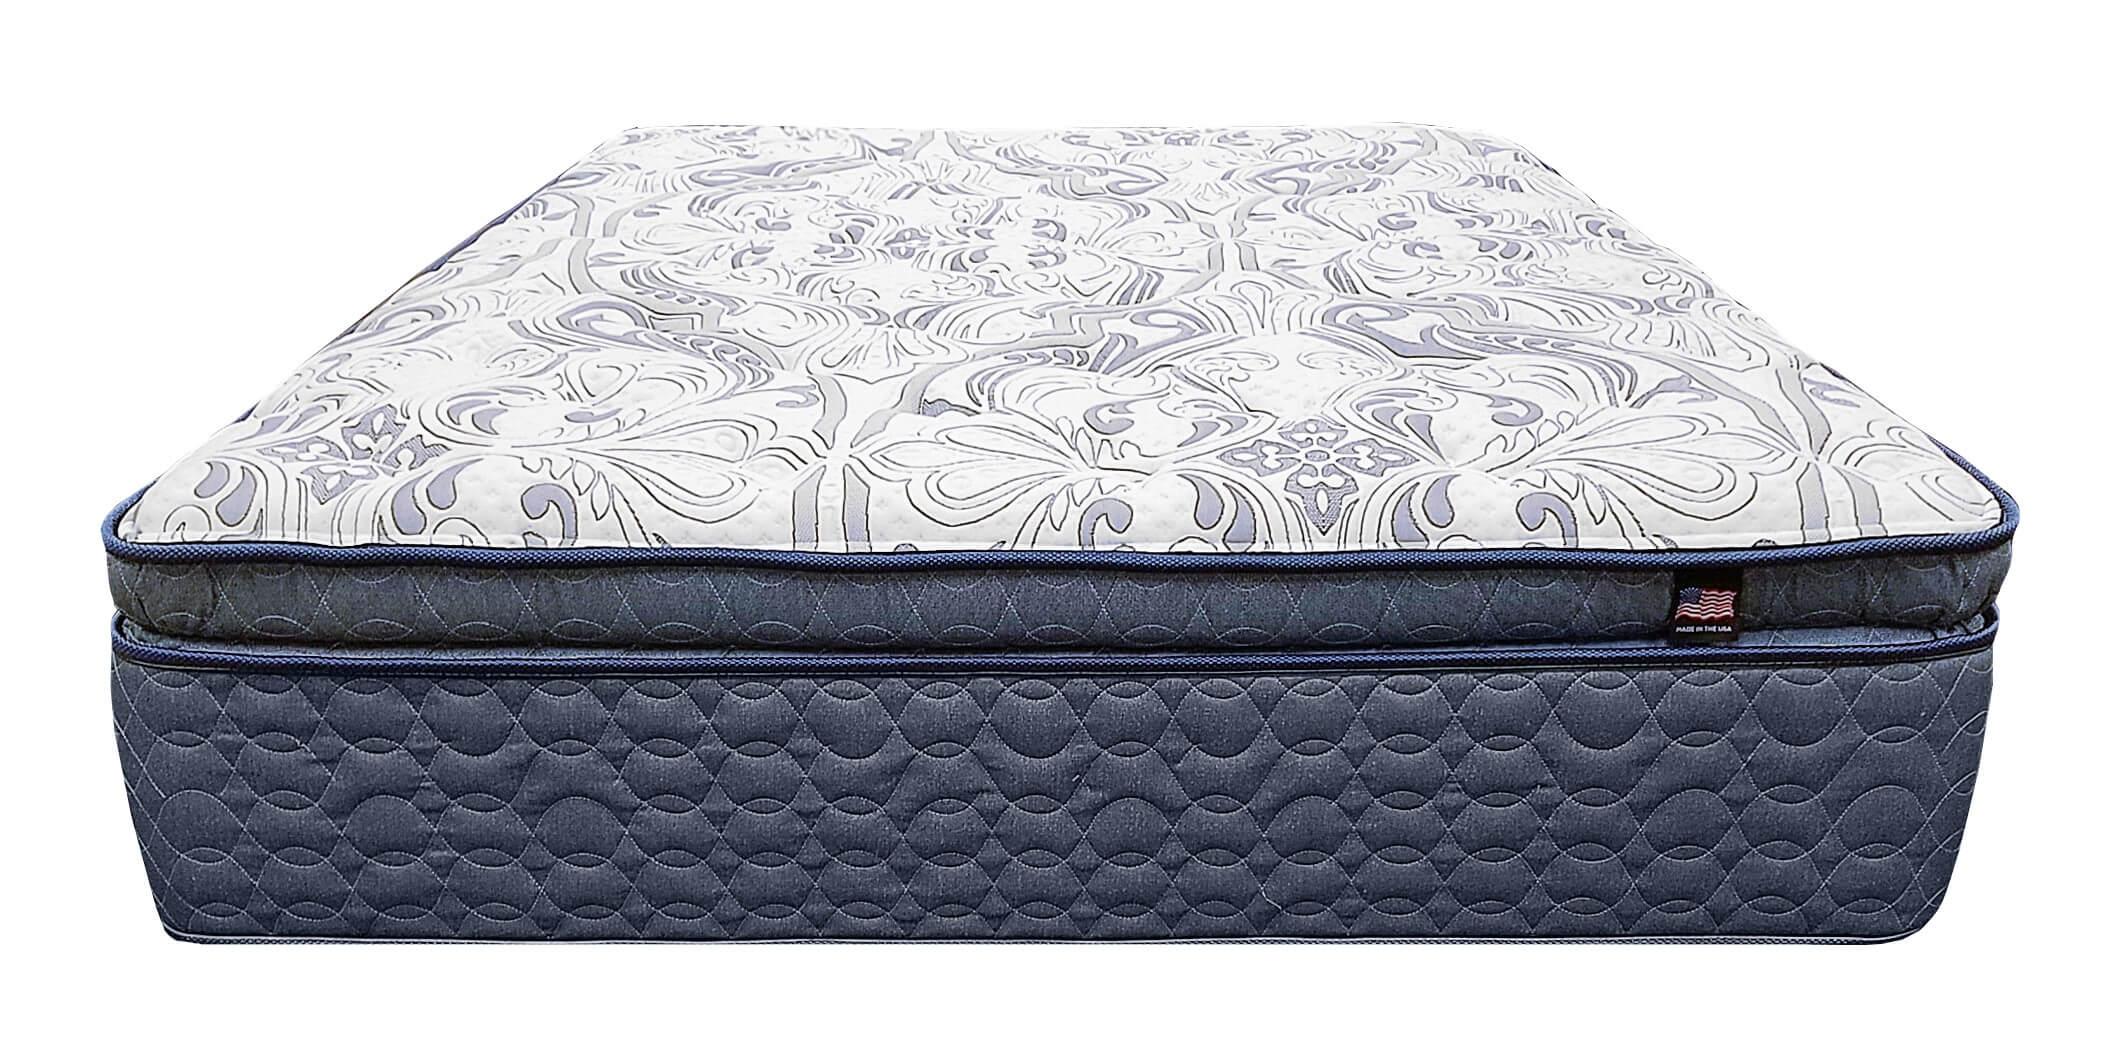 Independence Pillow Top King Mattress